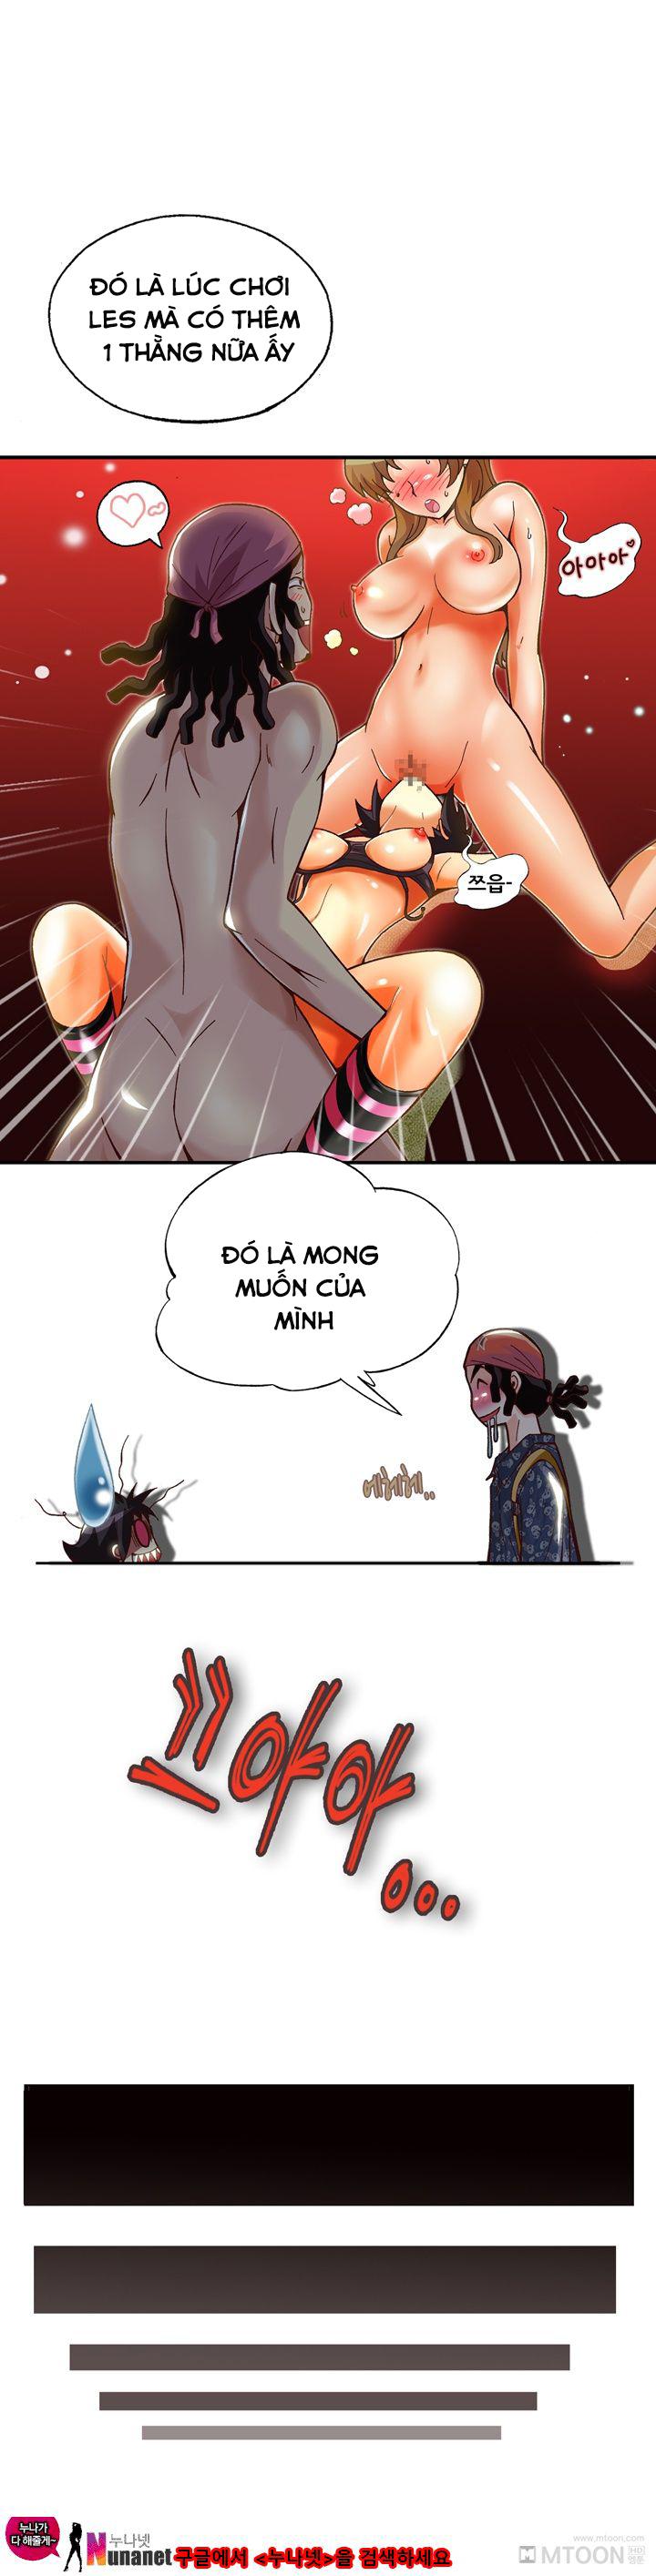 Hình ảnh 20 trong bài viết [Siêu phẩm] Hentai Màu Xin lỗi tớ thật dâm đãng